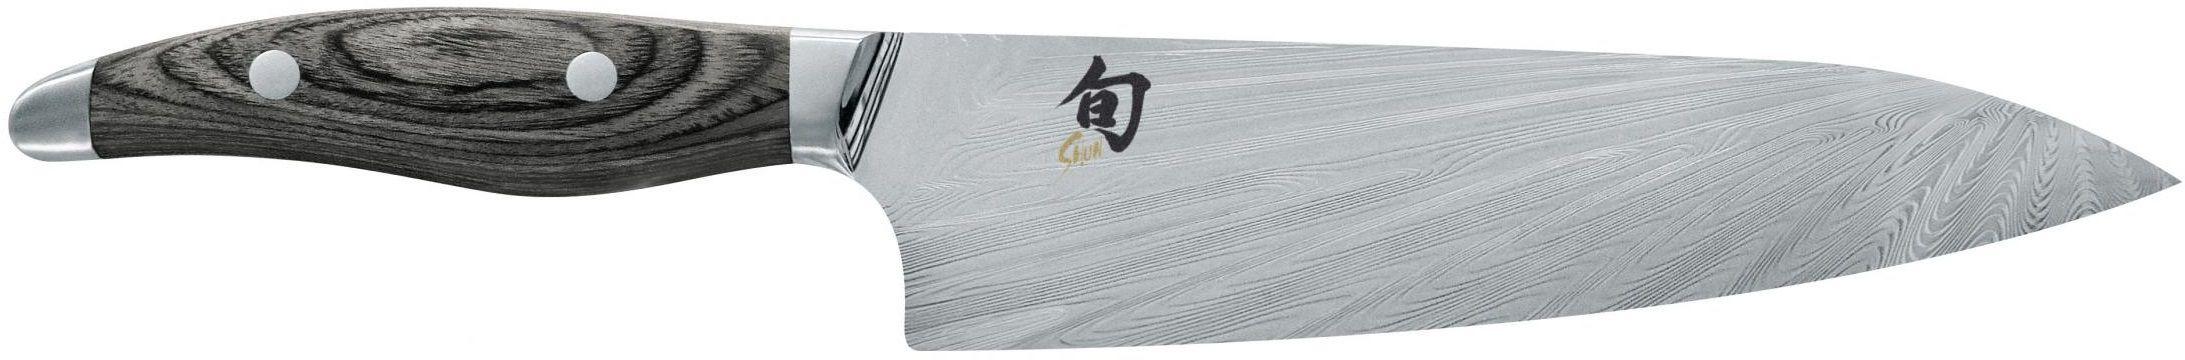 couteau japonais kai